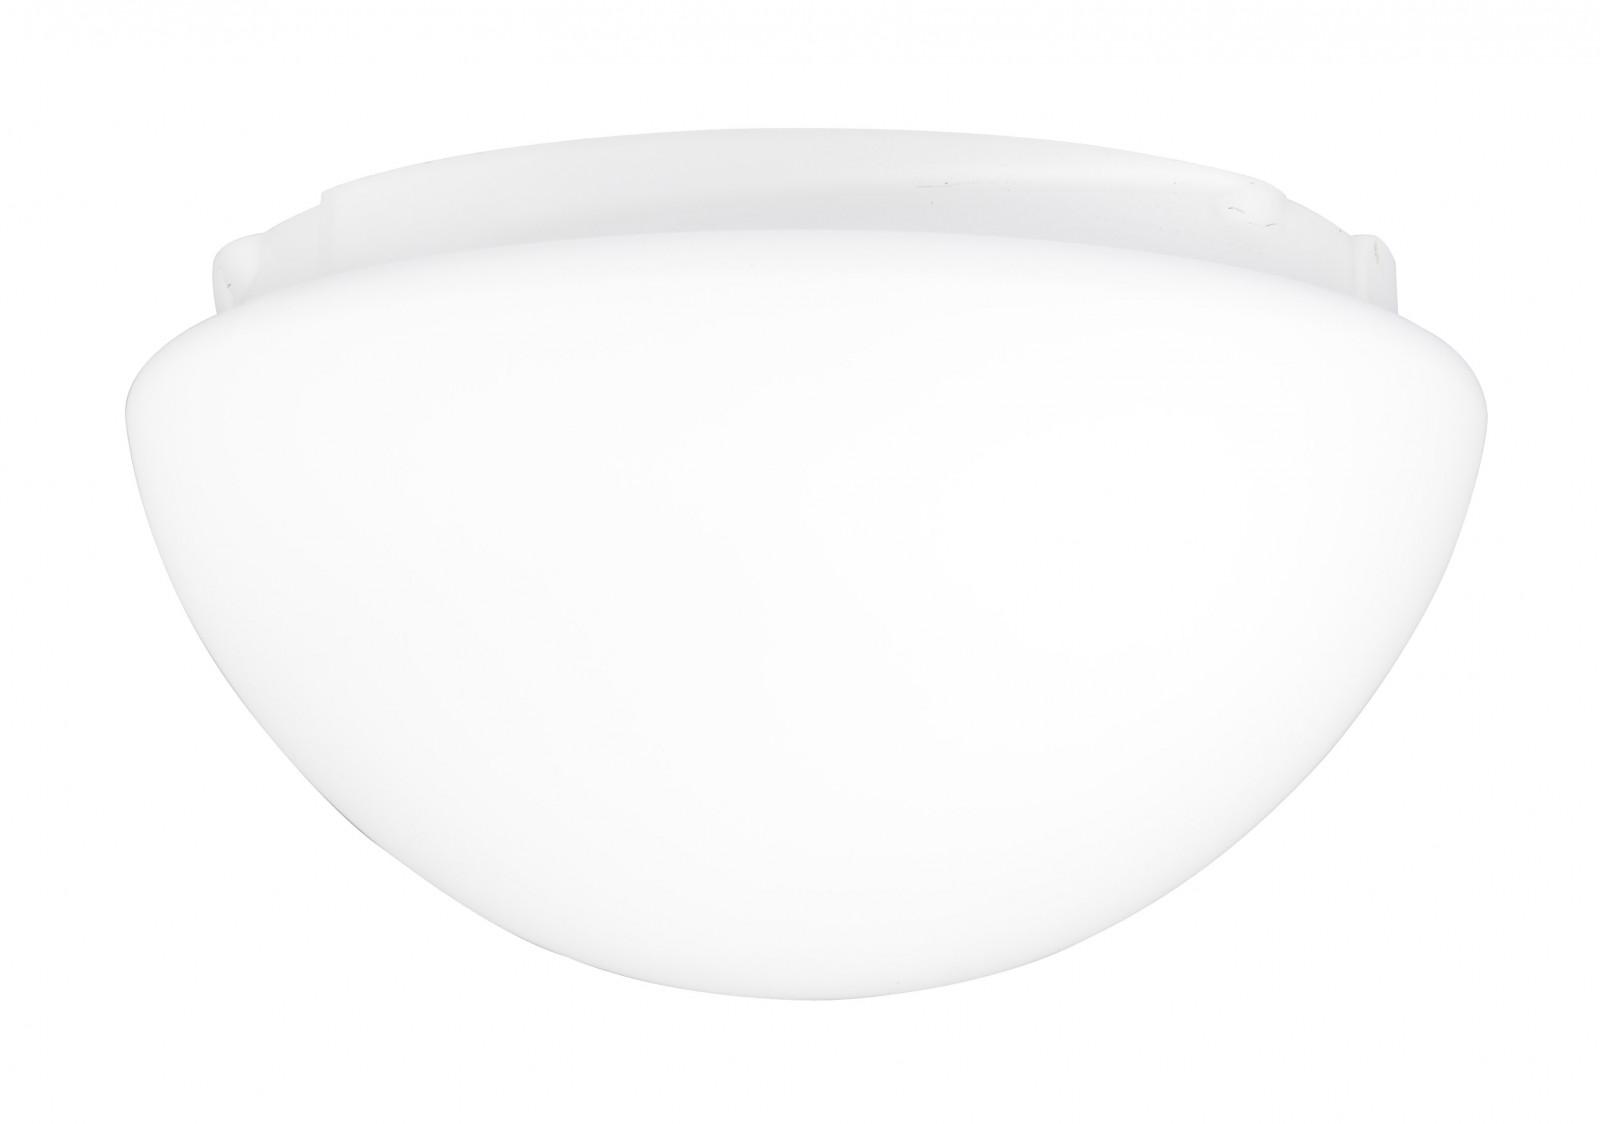 Westinghouse globe de rechange pour ventilateur de plafond solana 72161 ventilateurs de plafond - Globe pour ventilateur de plafond ...